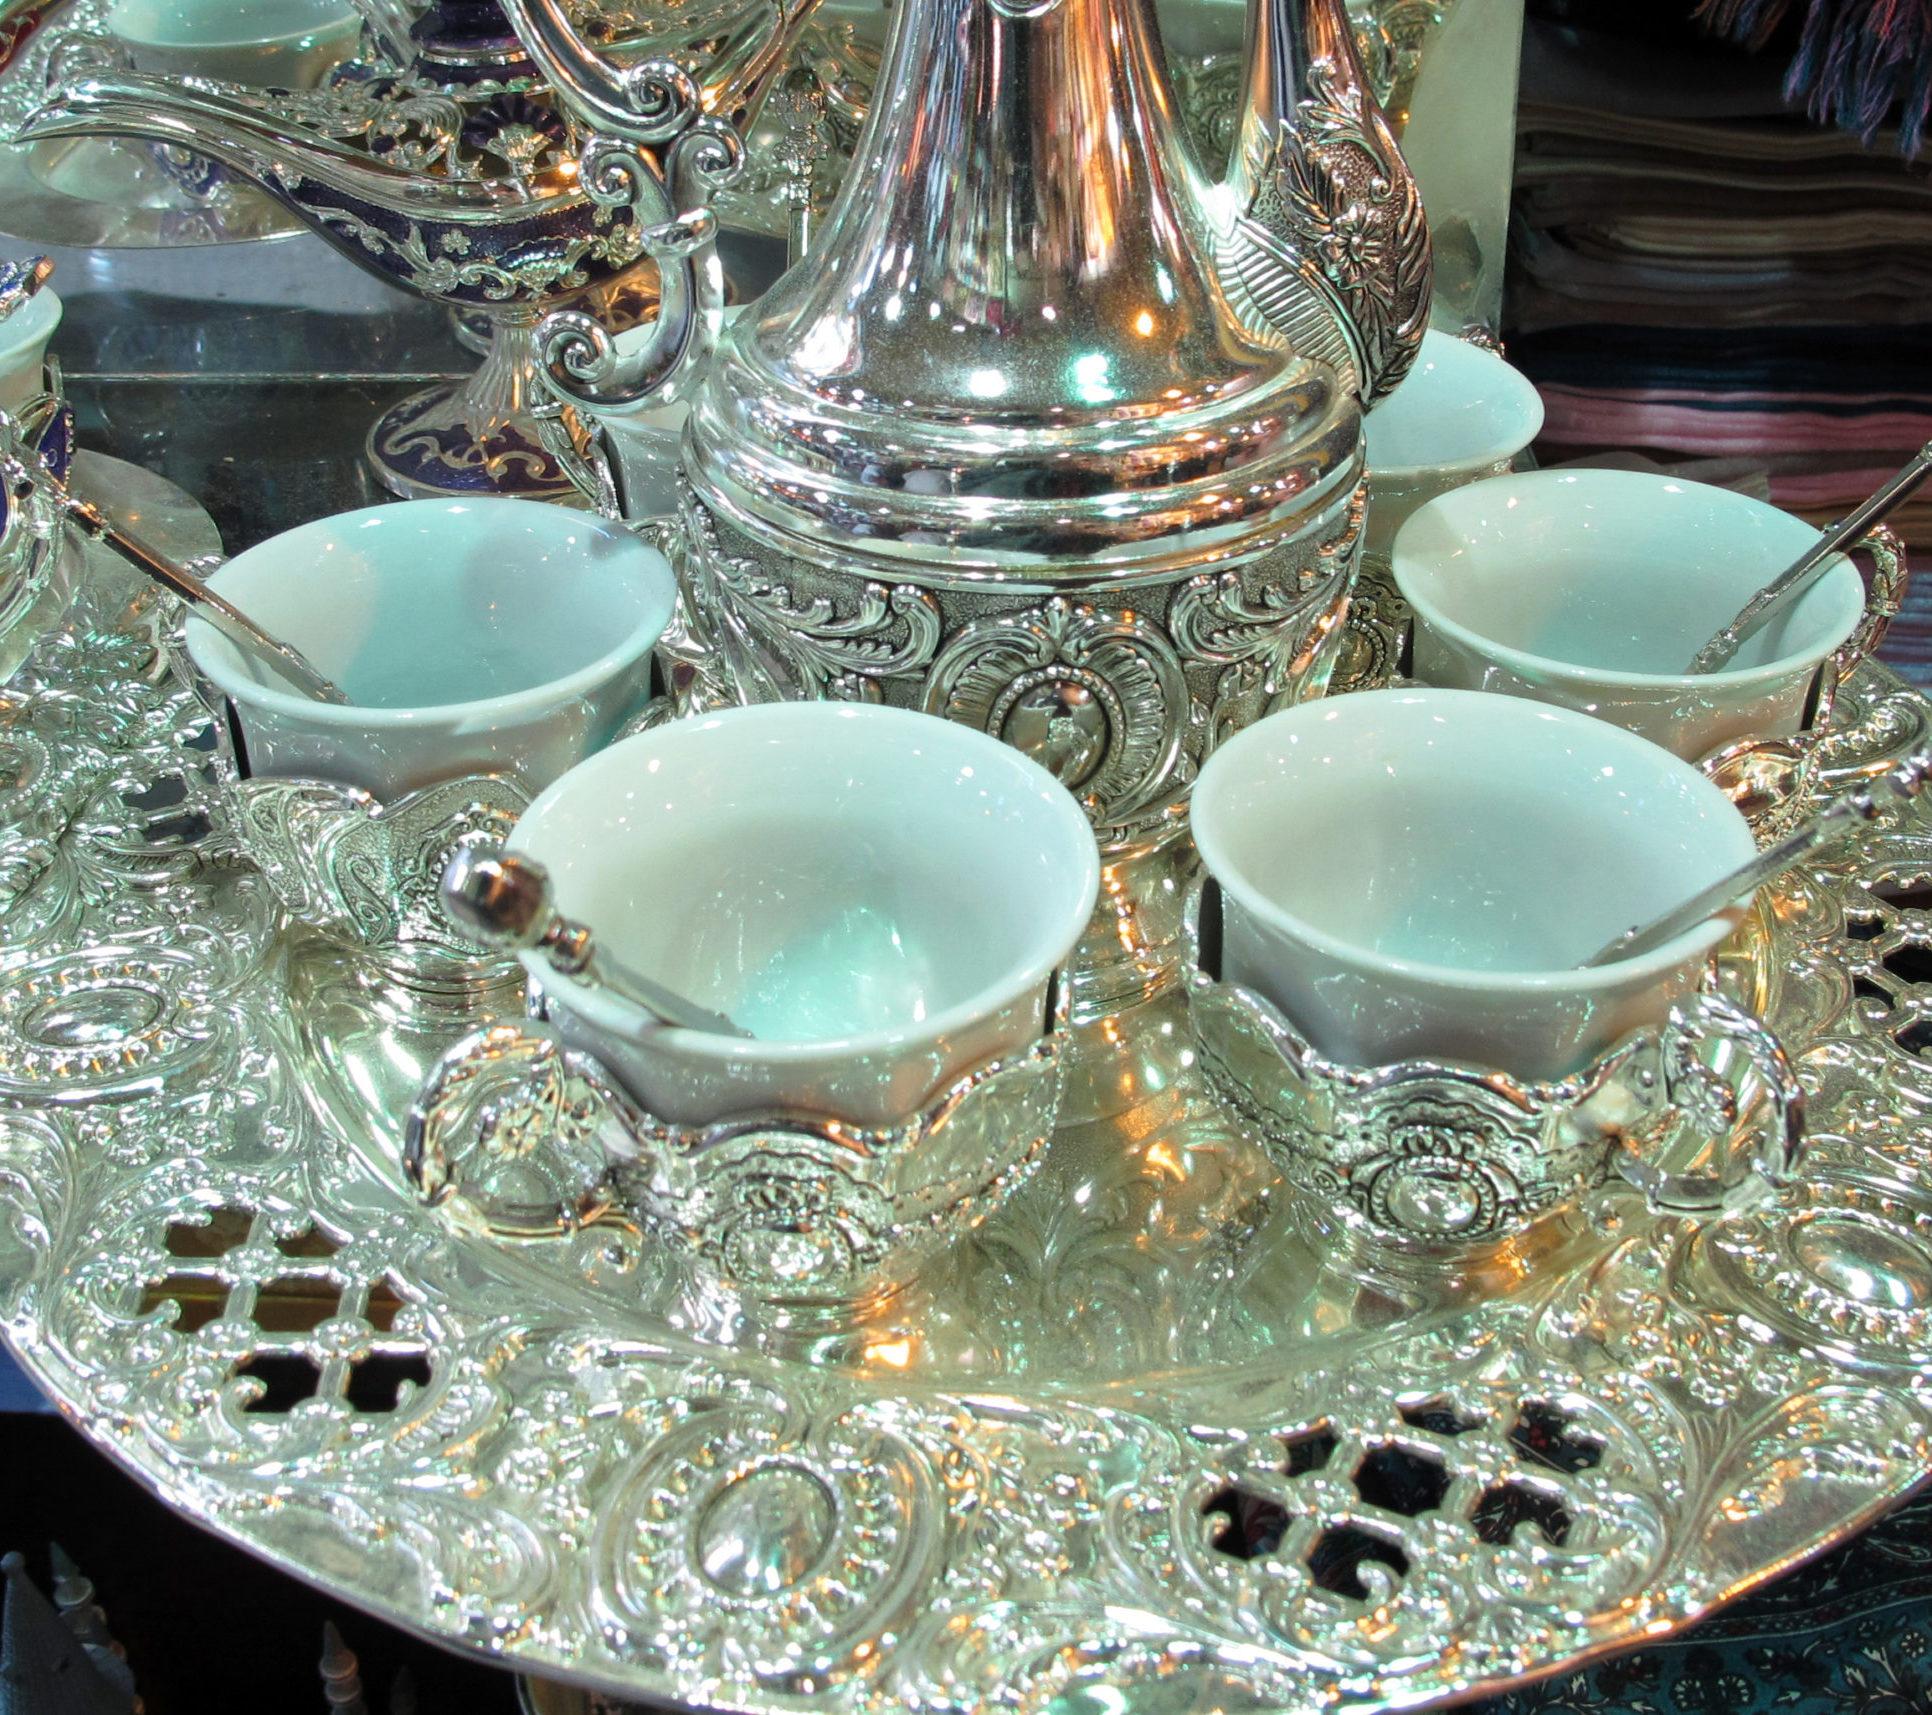 orientalisches Teeservice mit silberner Teekanne